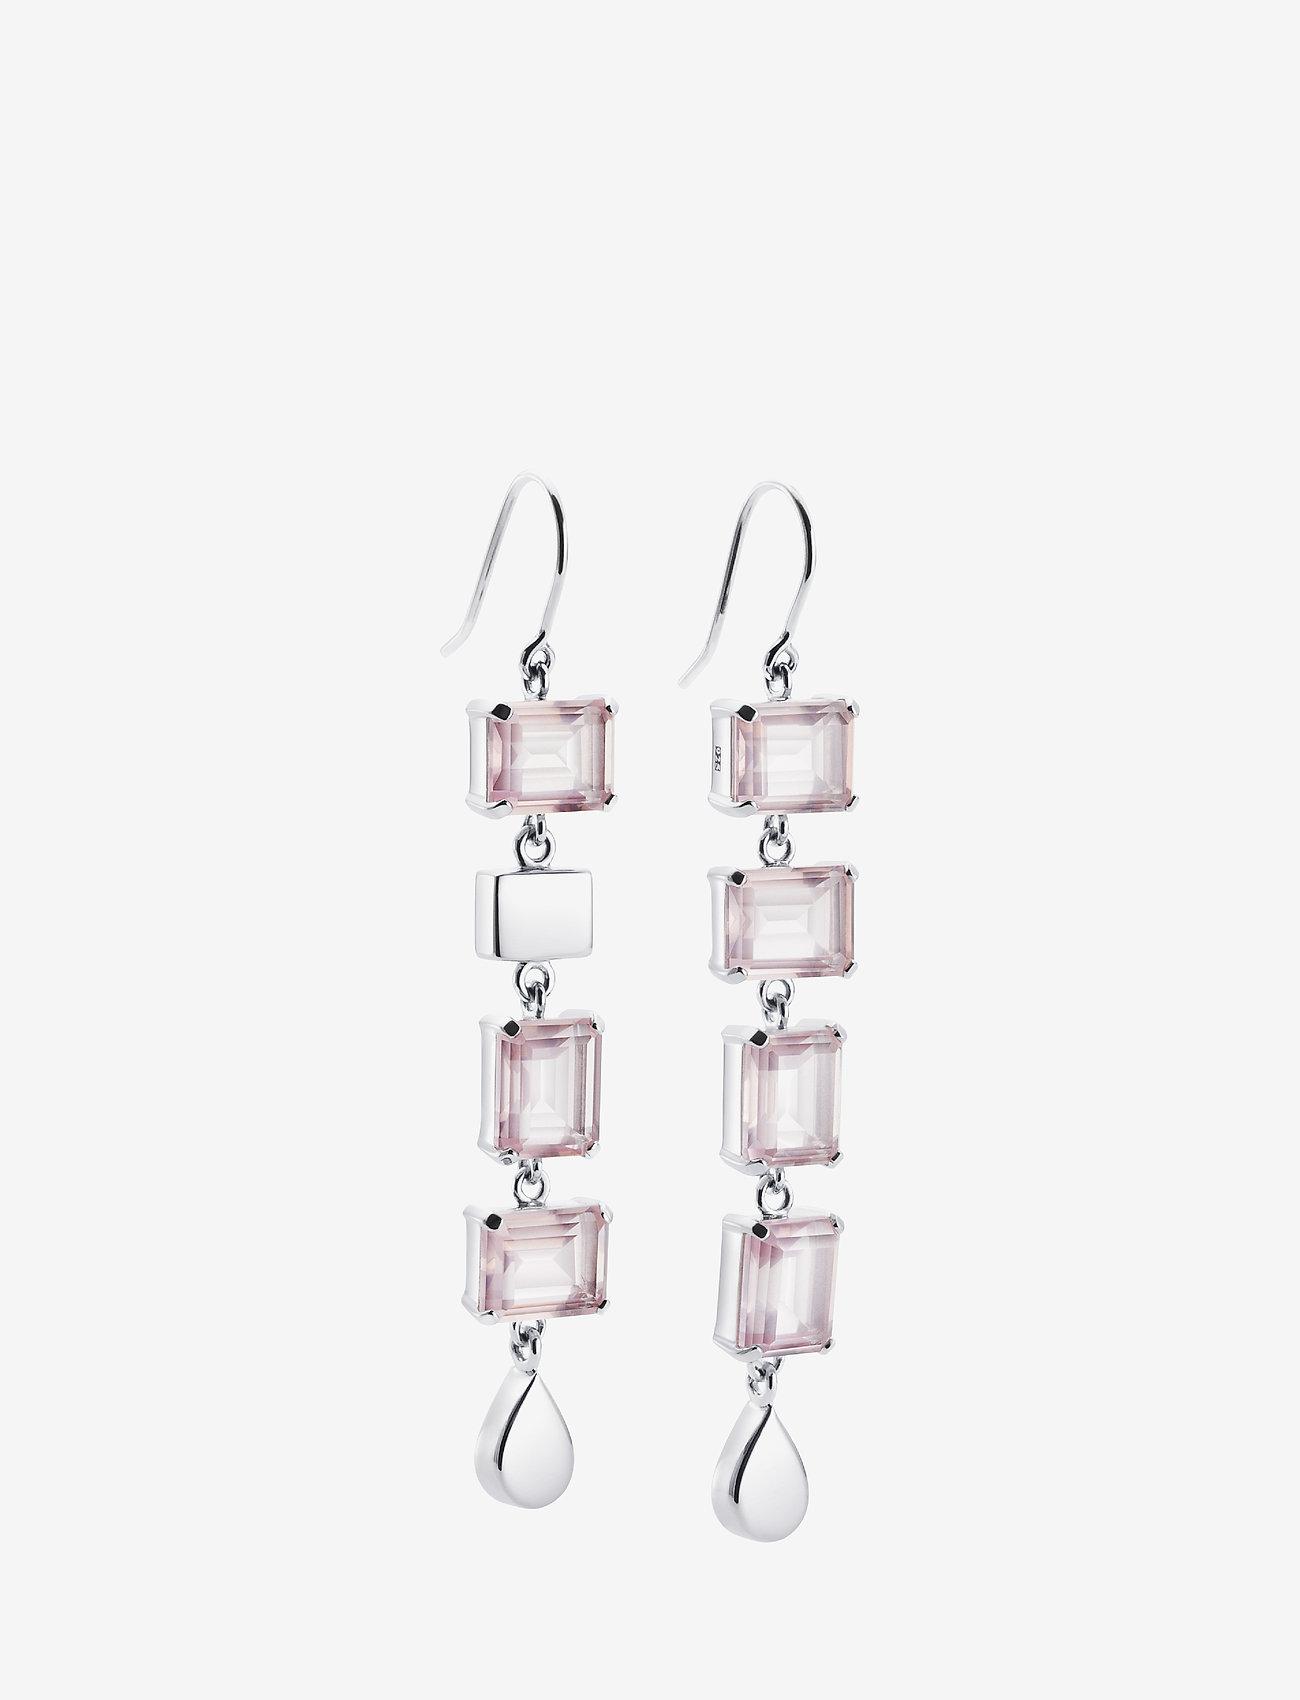 Efva Attling - Crystal Fall Earrings - Rosé Dream - statement earrings - silver - 0